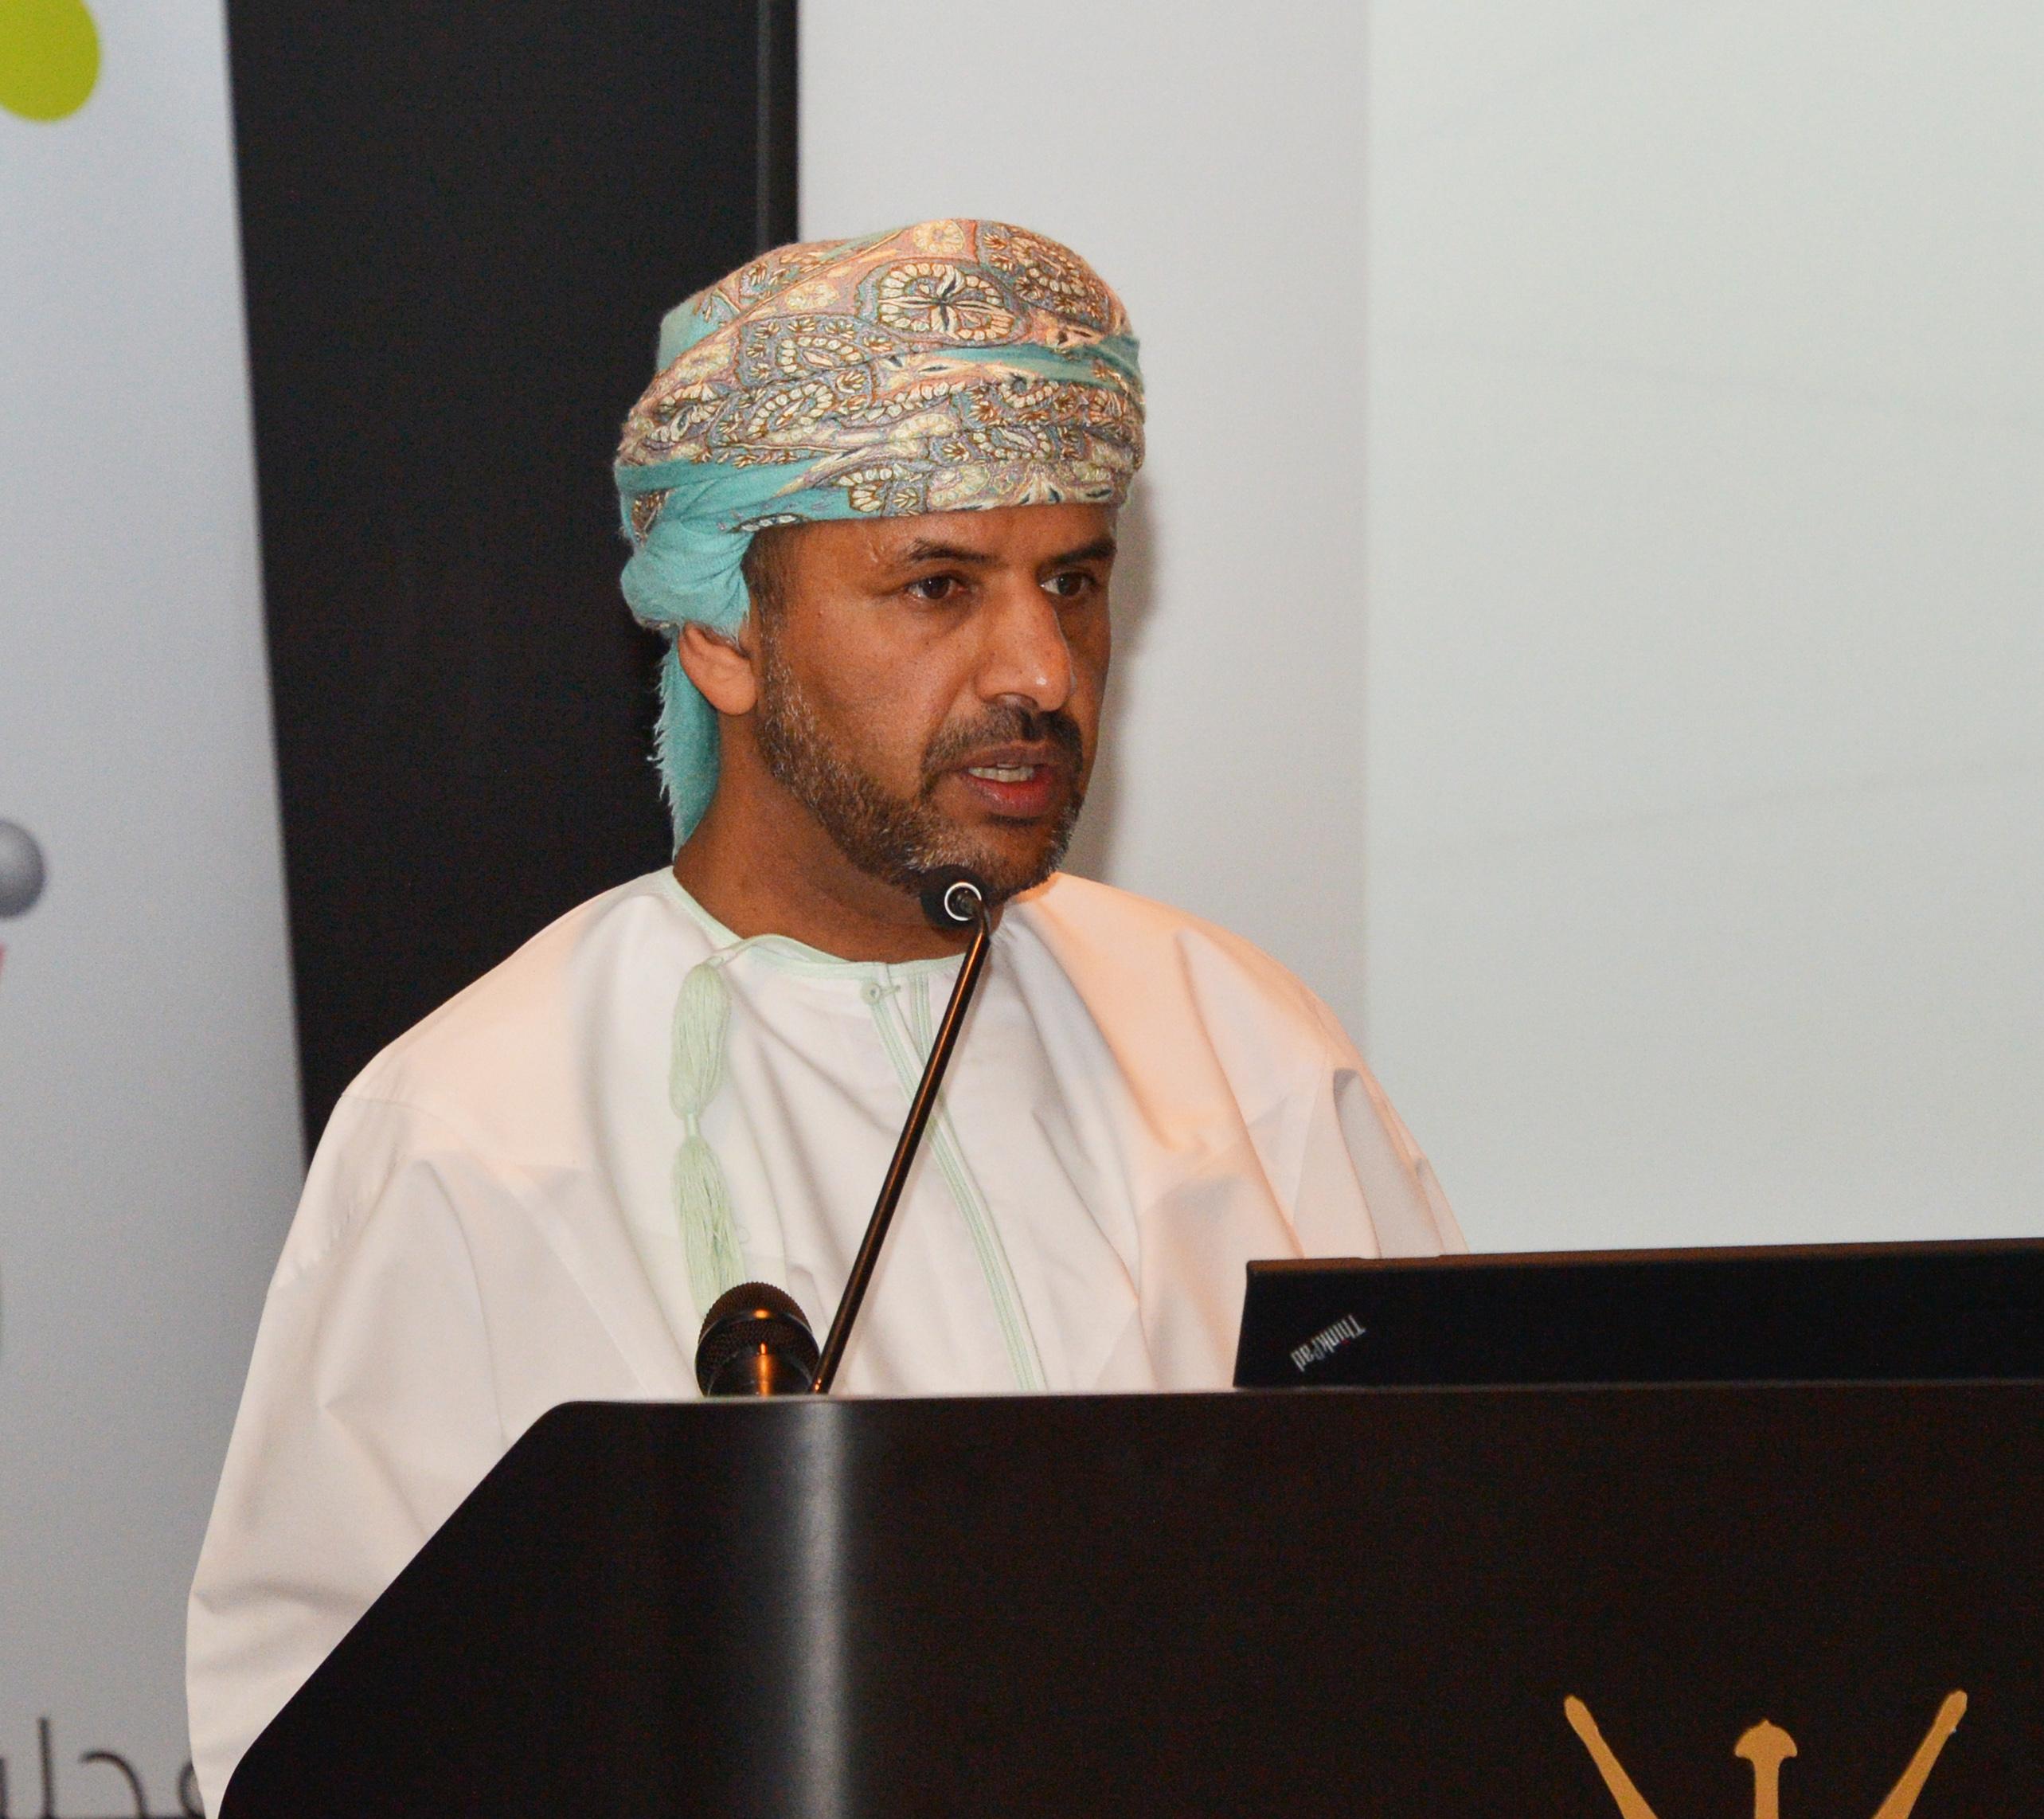 فهد بن الجلندى آل سعيد: التحول الى الاقتصاد القائم على المعرفة اصبح ضرورة حتمية ونتاجًا طبيعيًا لتطور المجتمعالعُماني